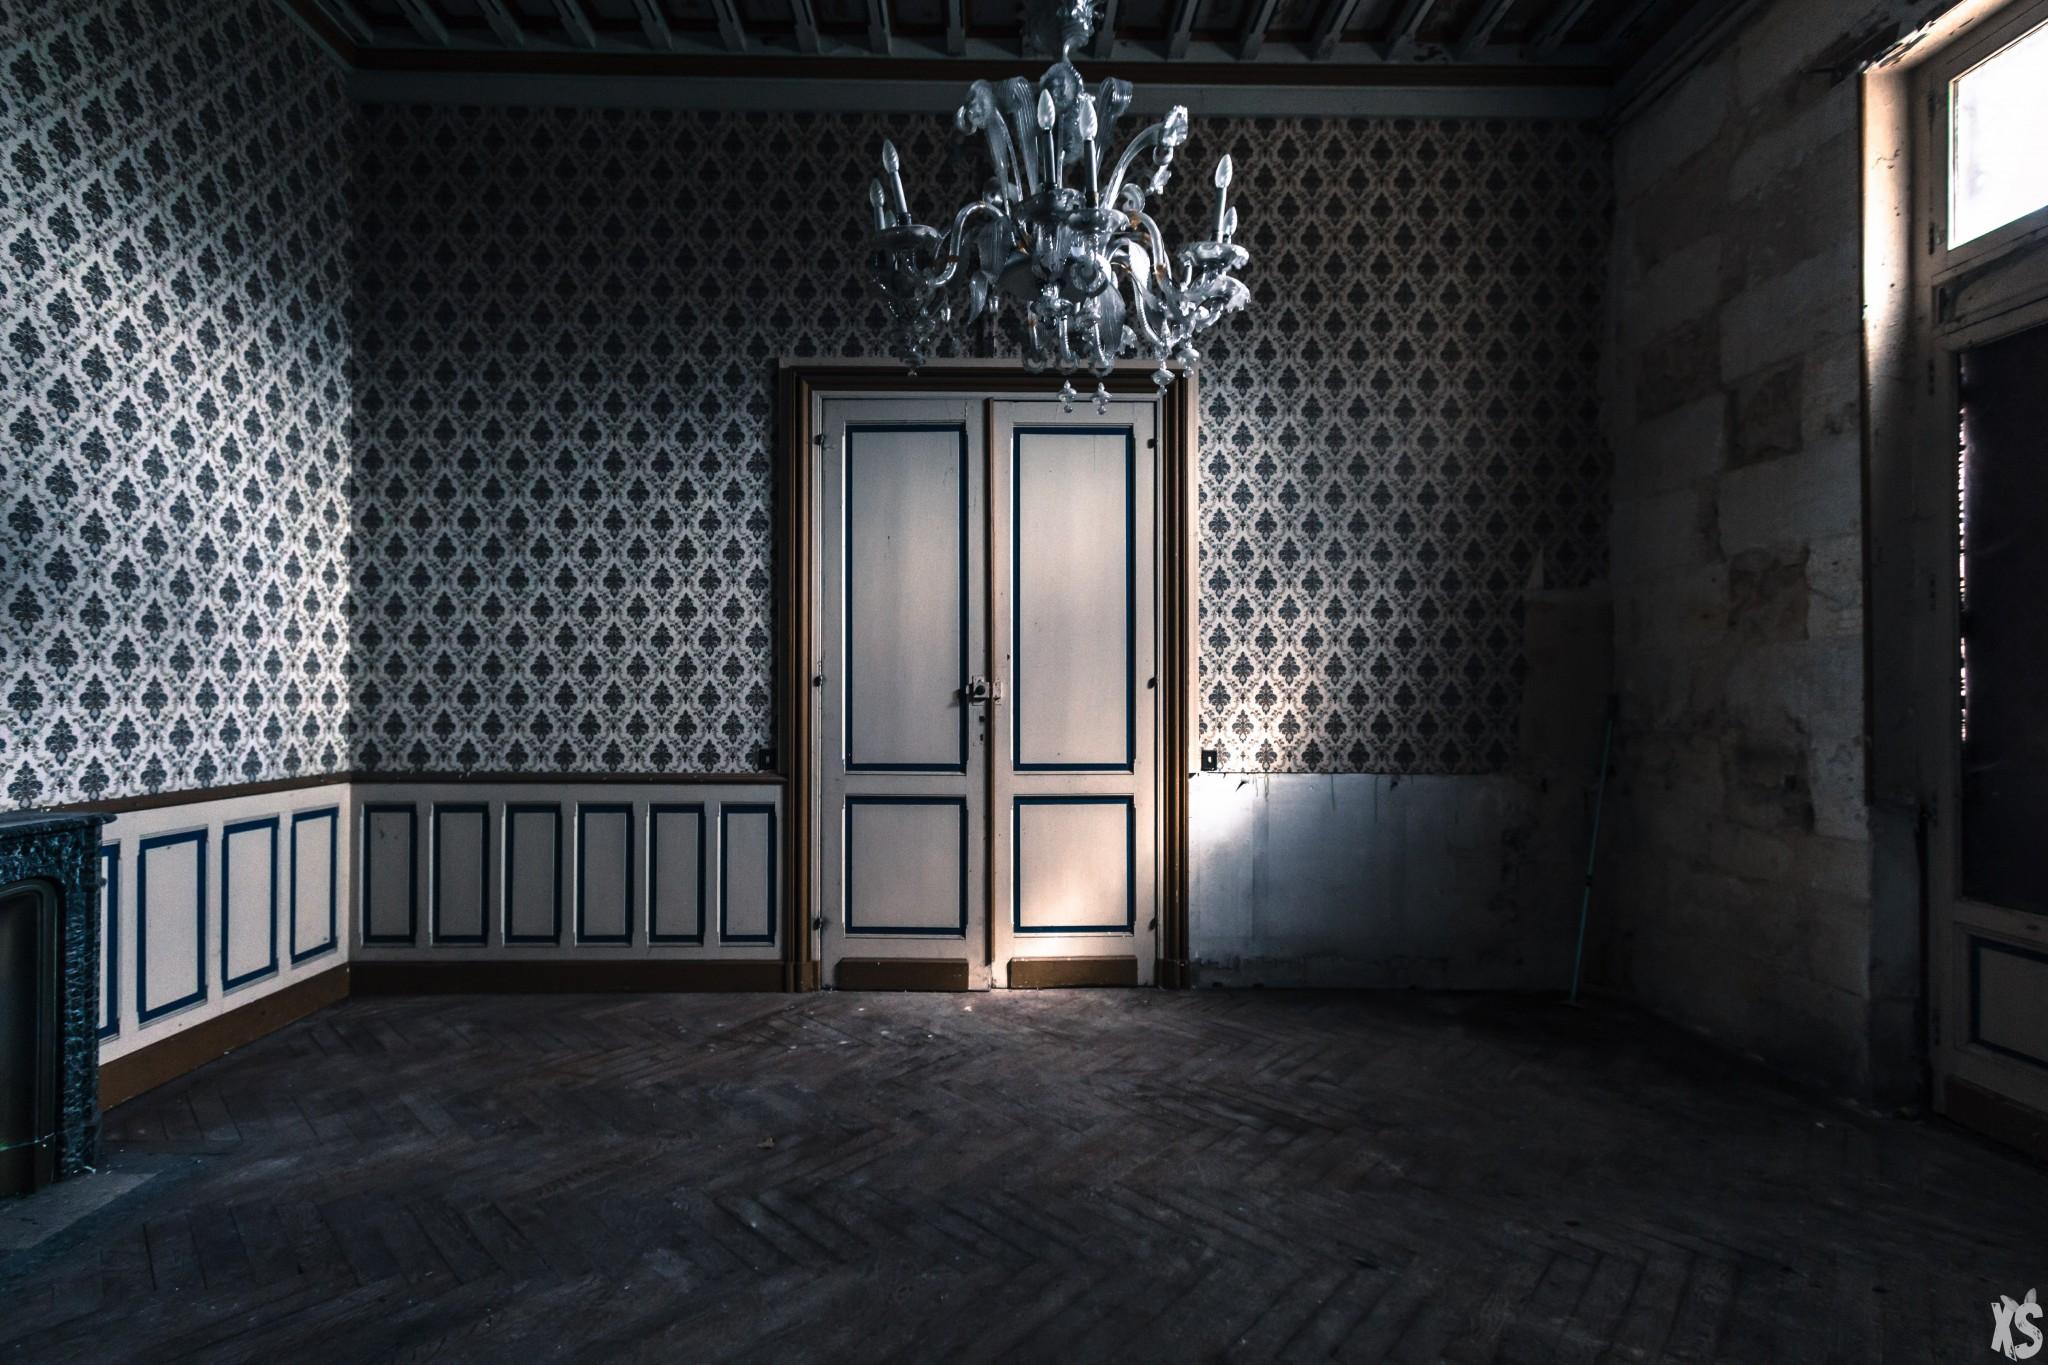 sanatorium-eugene-aram-63